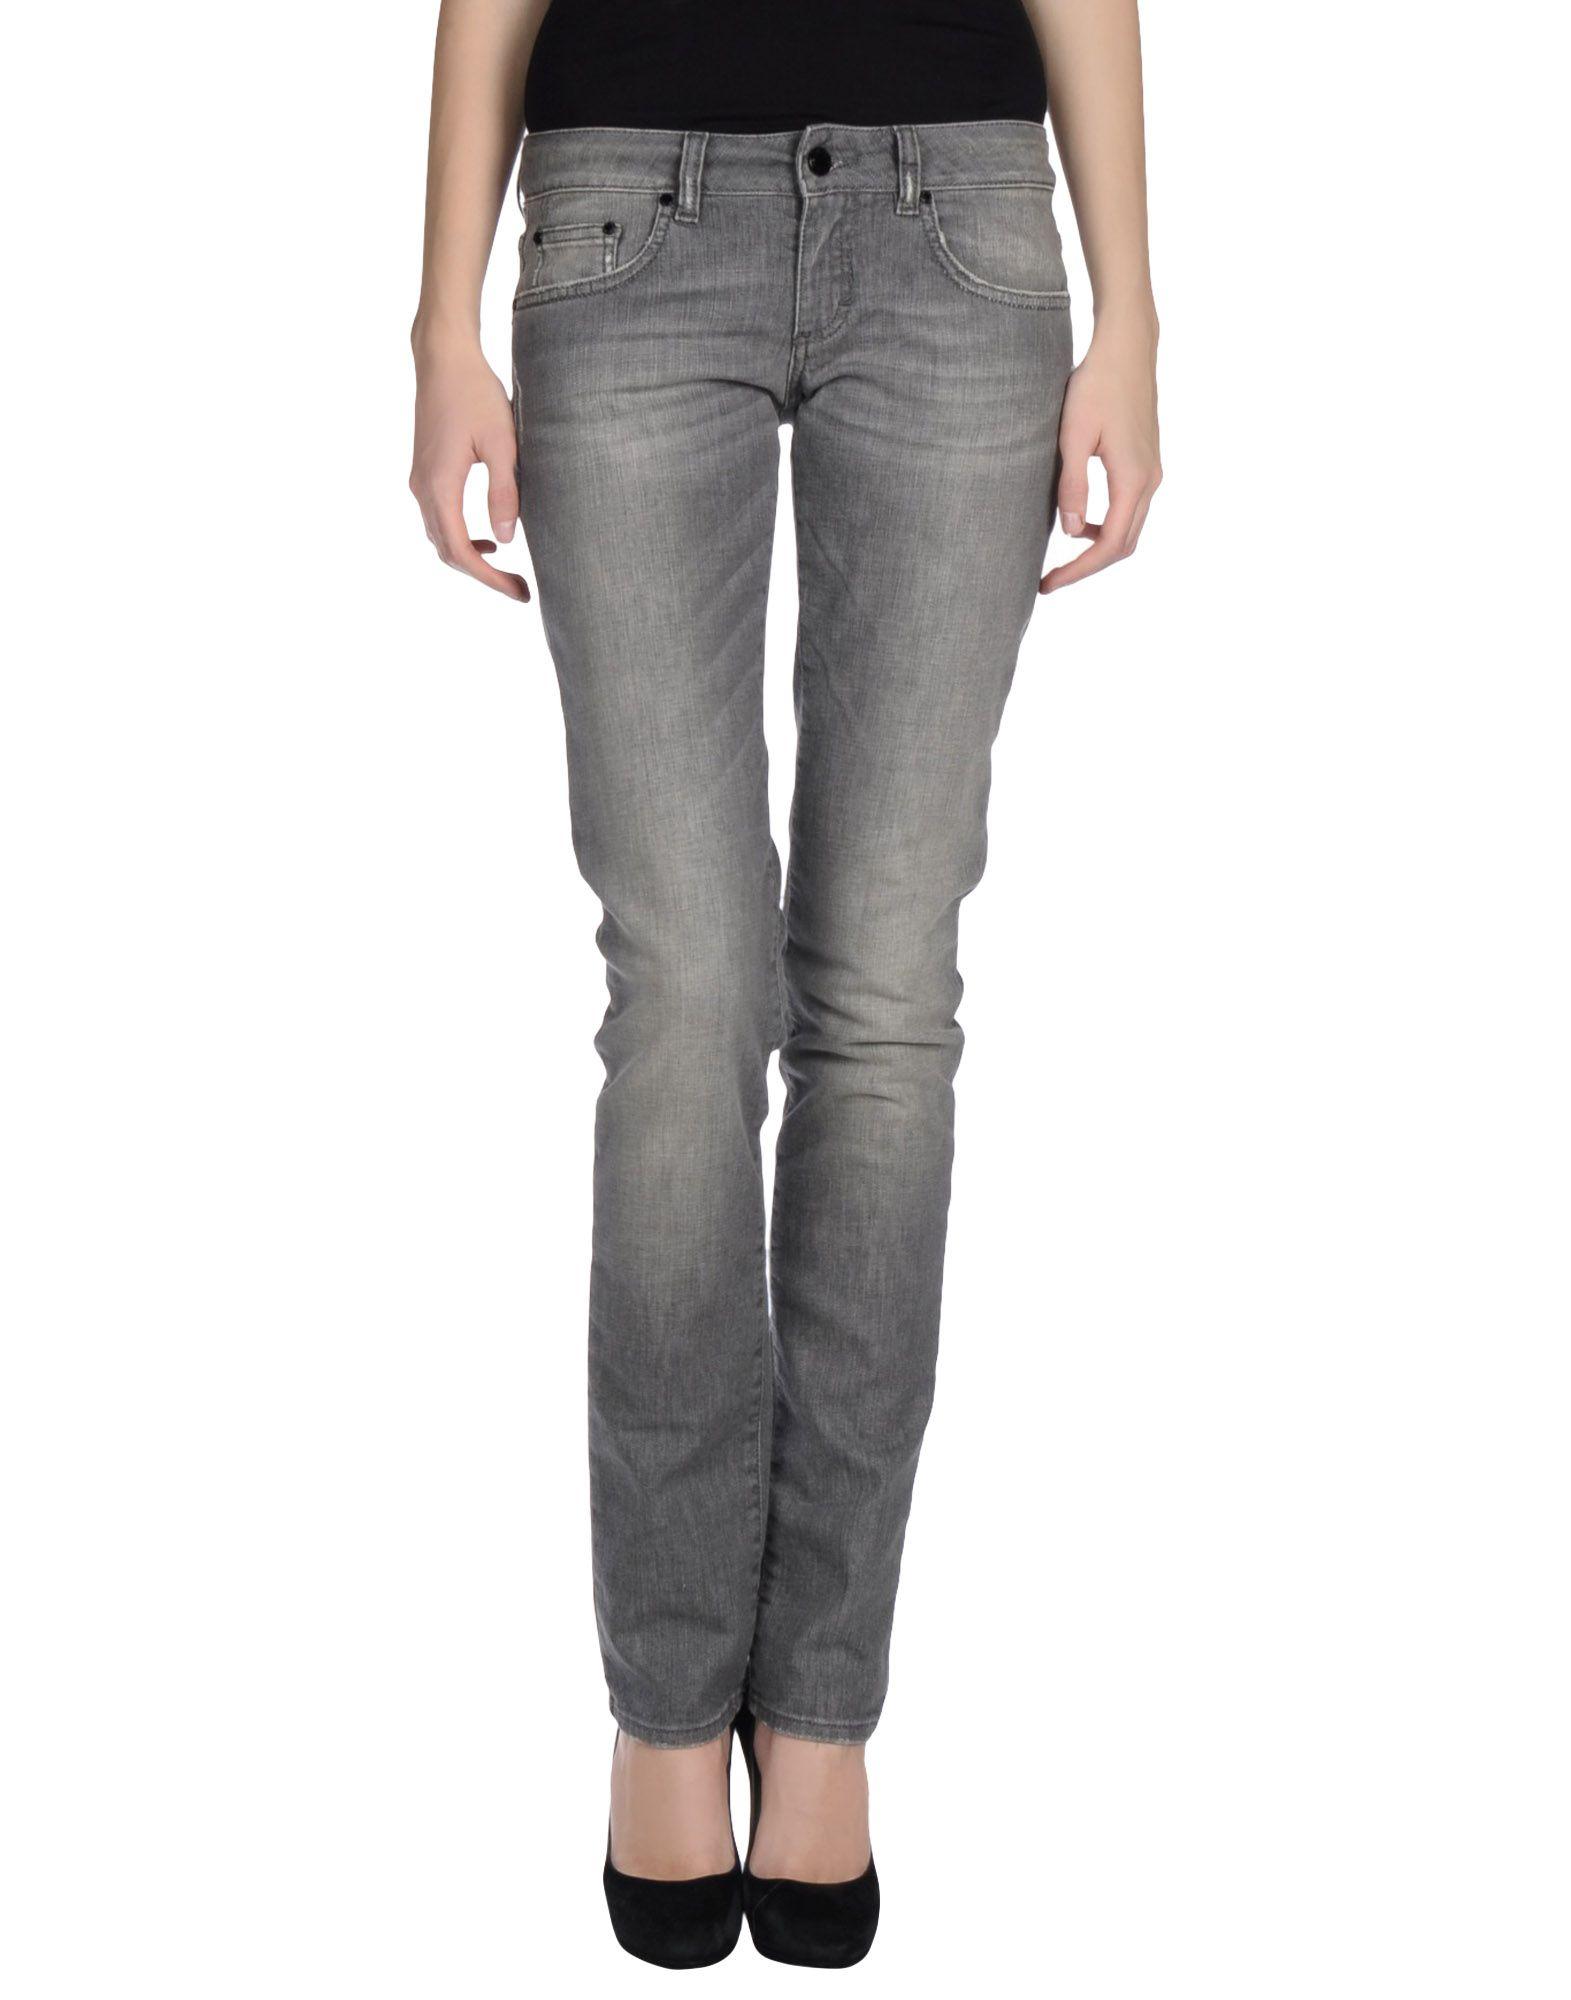 Pantaloni Jeans Gf Gf Ferre' donna - 42404252IP  Großhandelspreis und zuverlässige Qualität